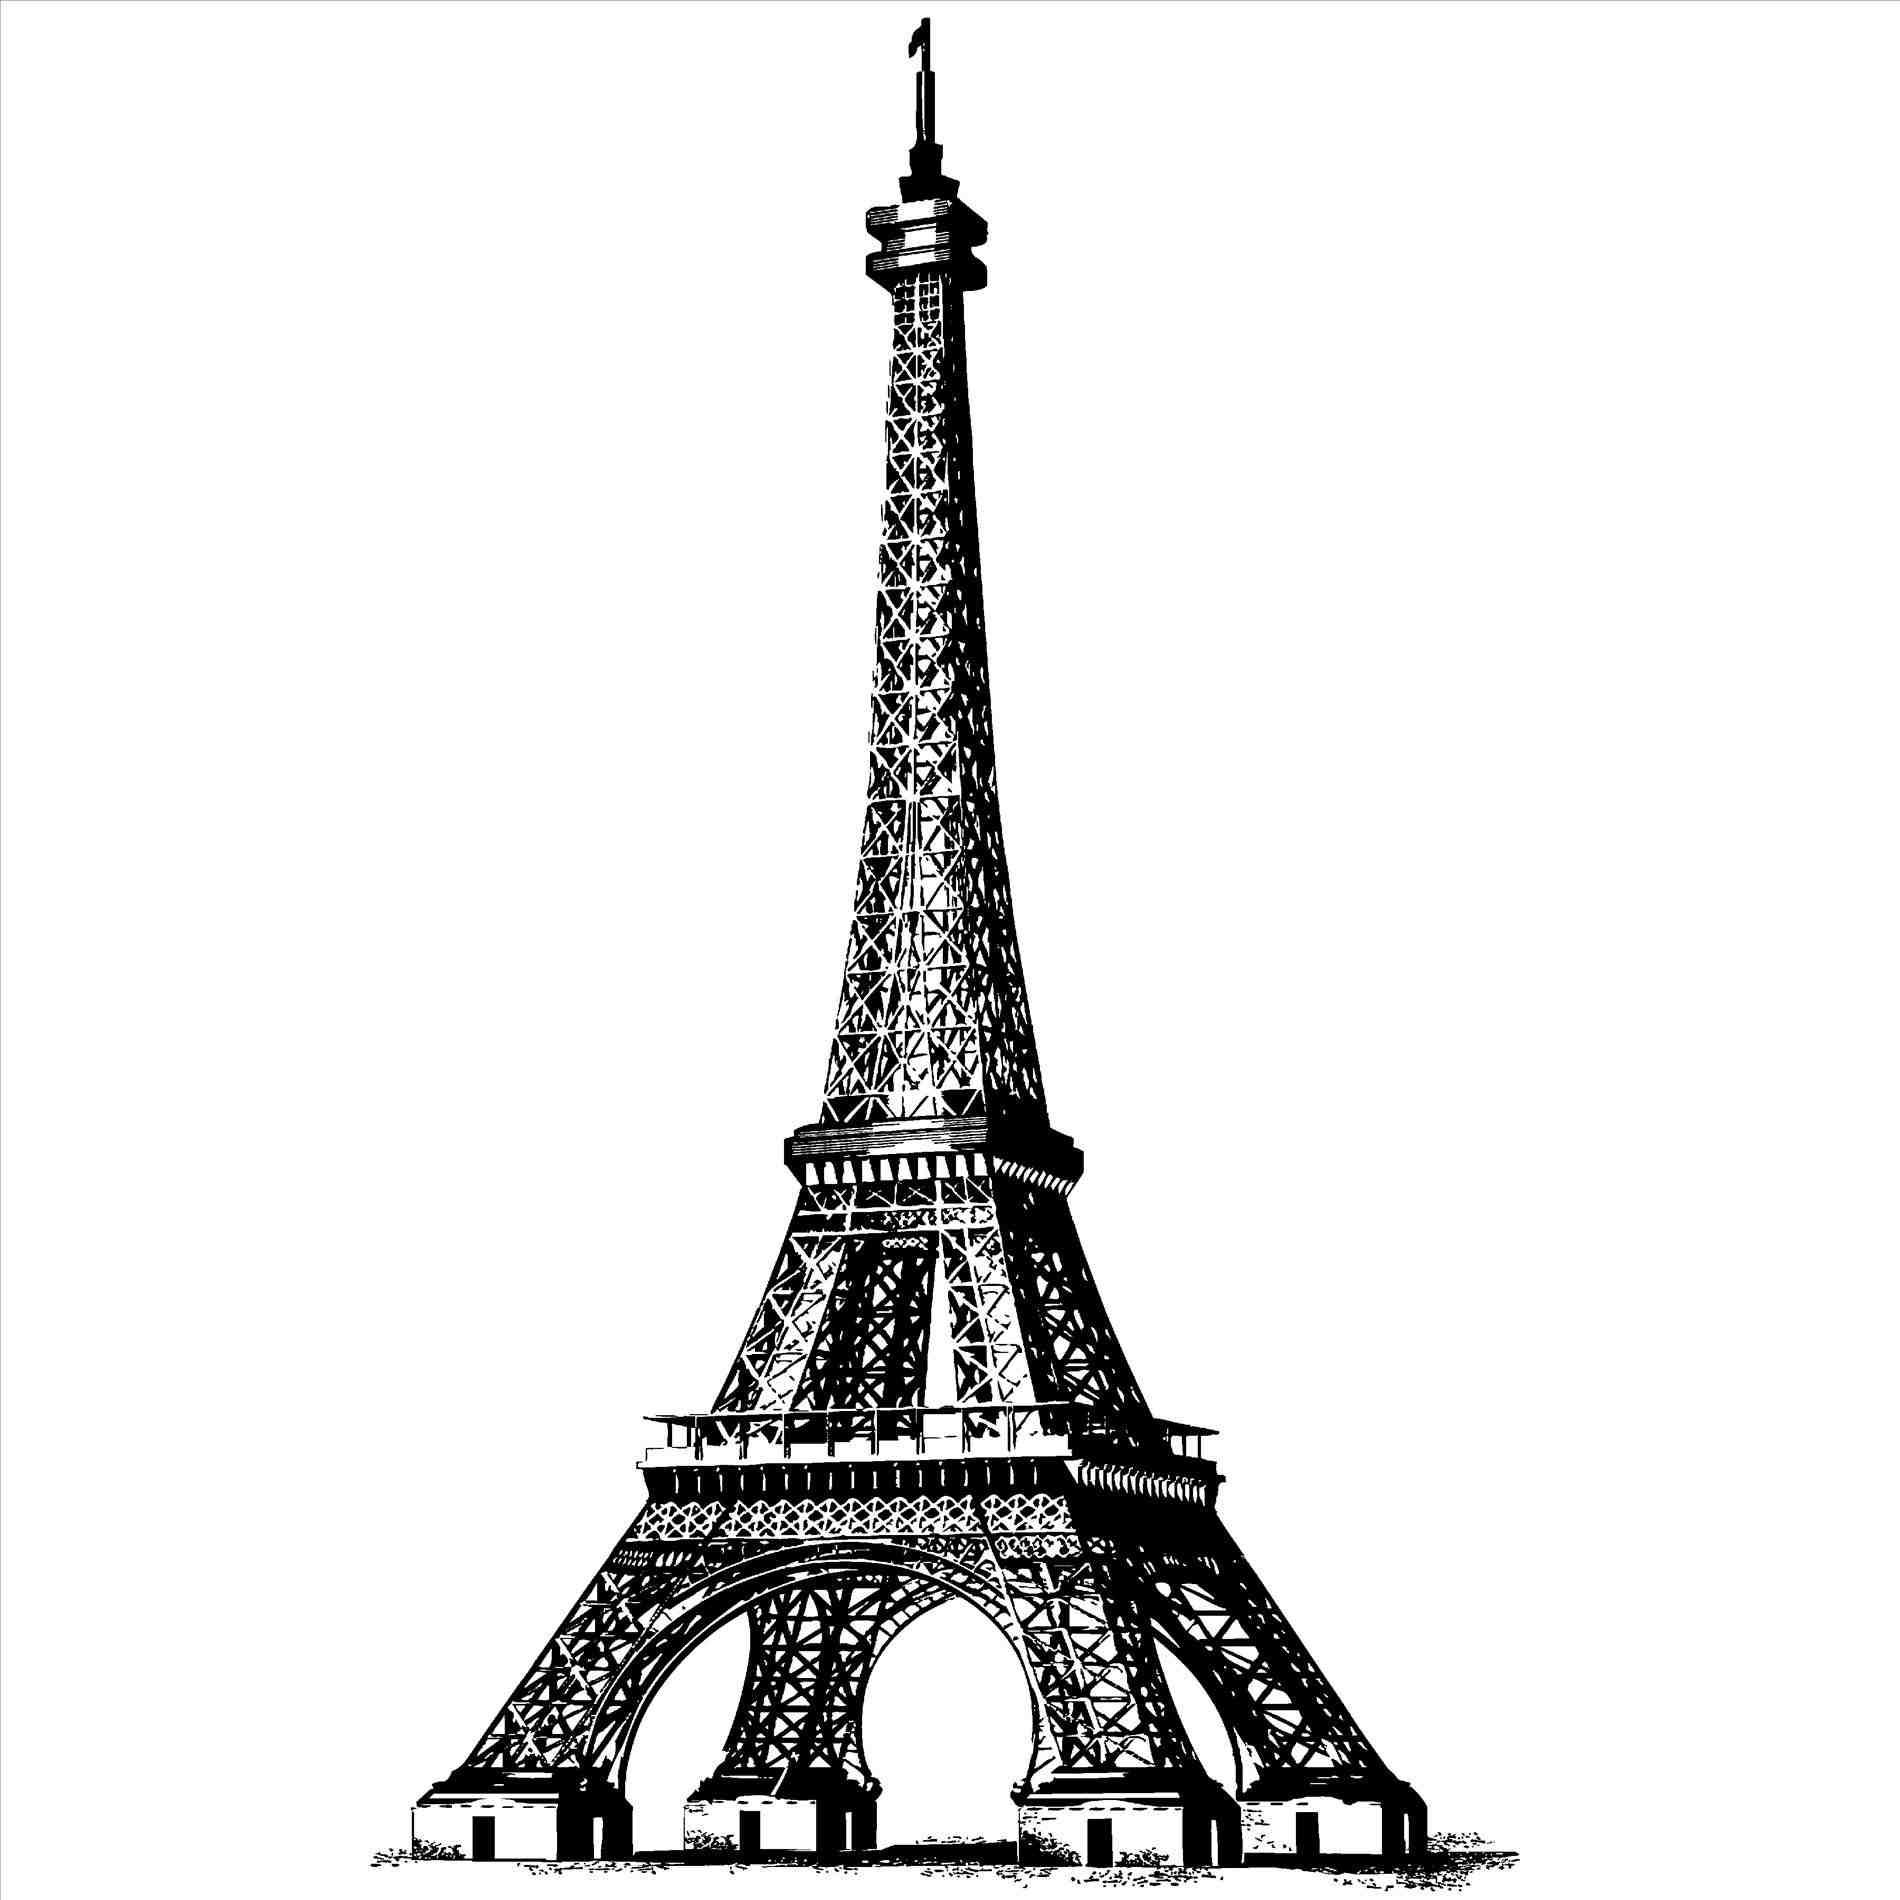 pencil sketch of eiffel tower pencil drawing cathedral eiffel tower paris stock sketch pencil of eiffel tower